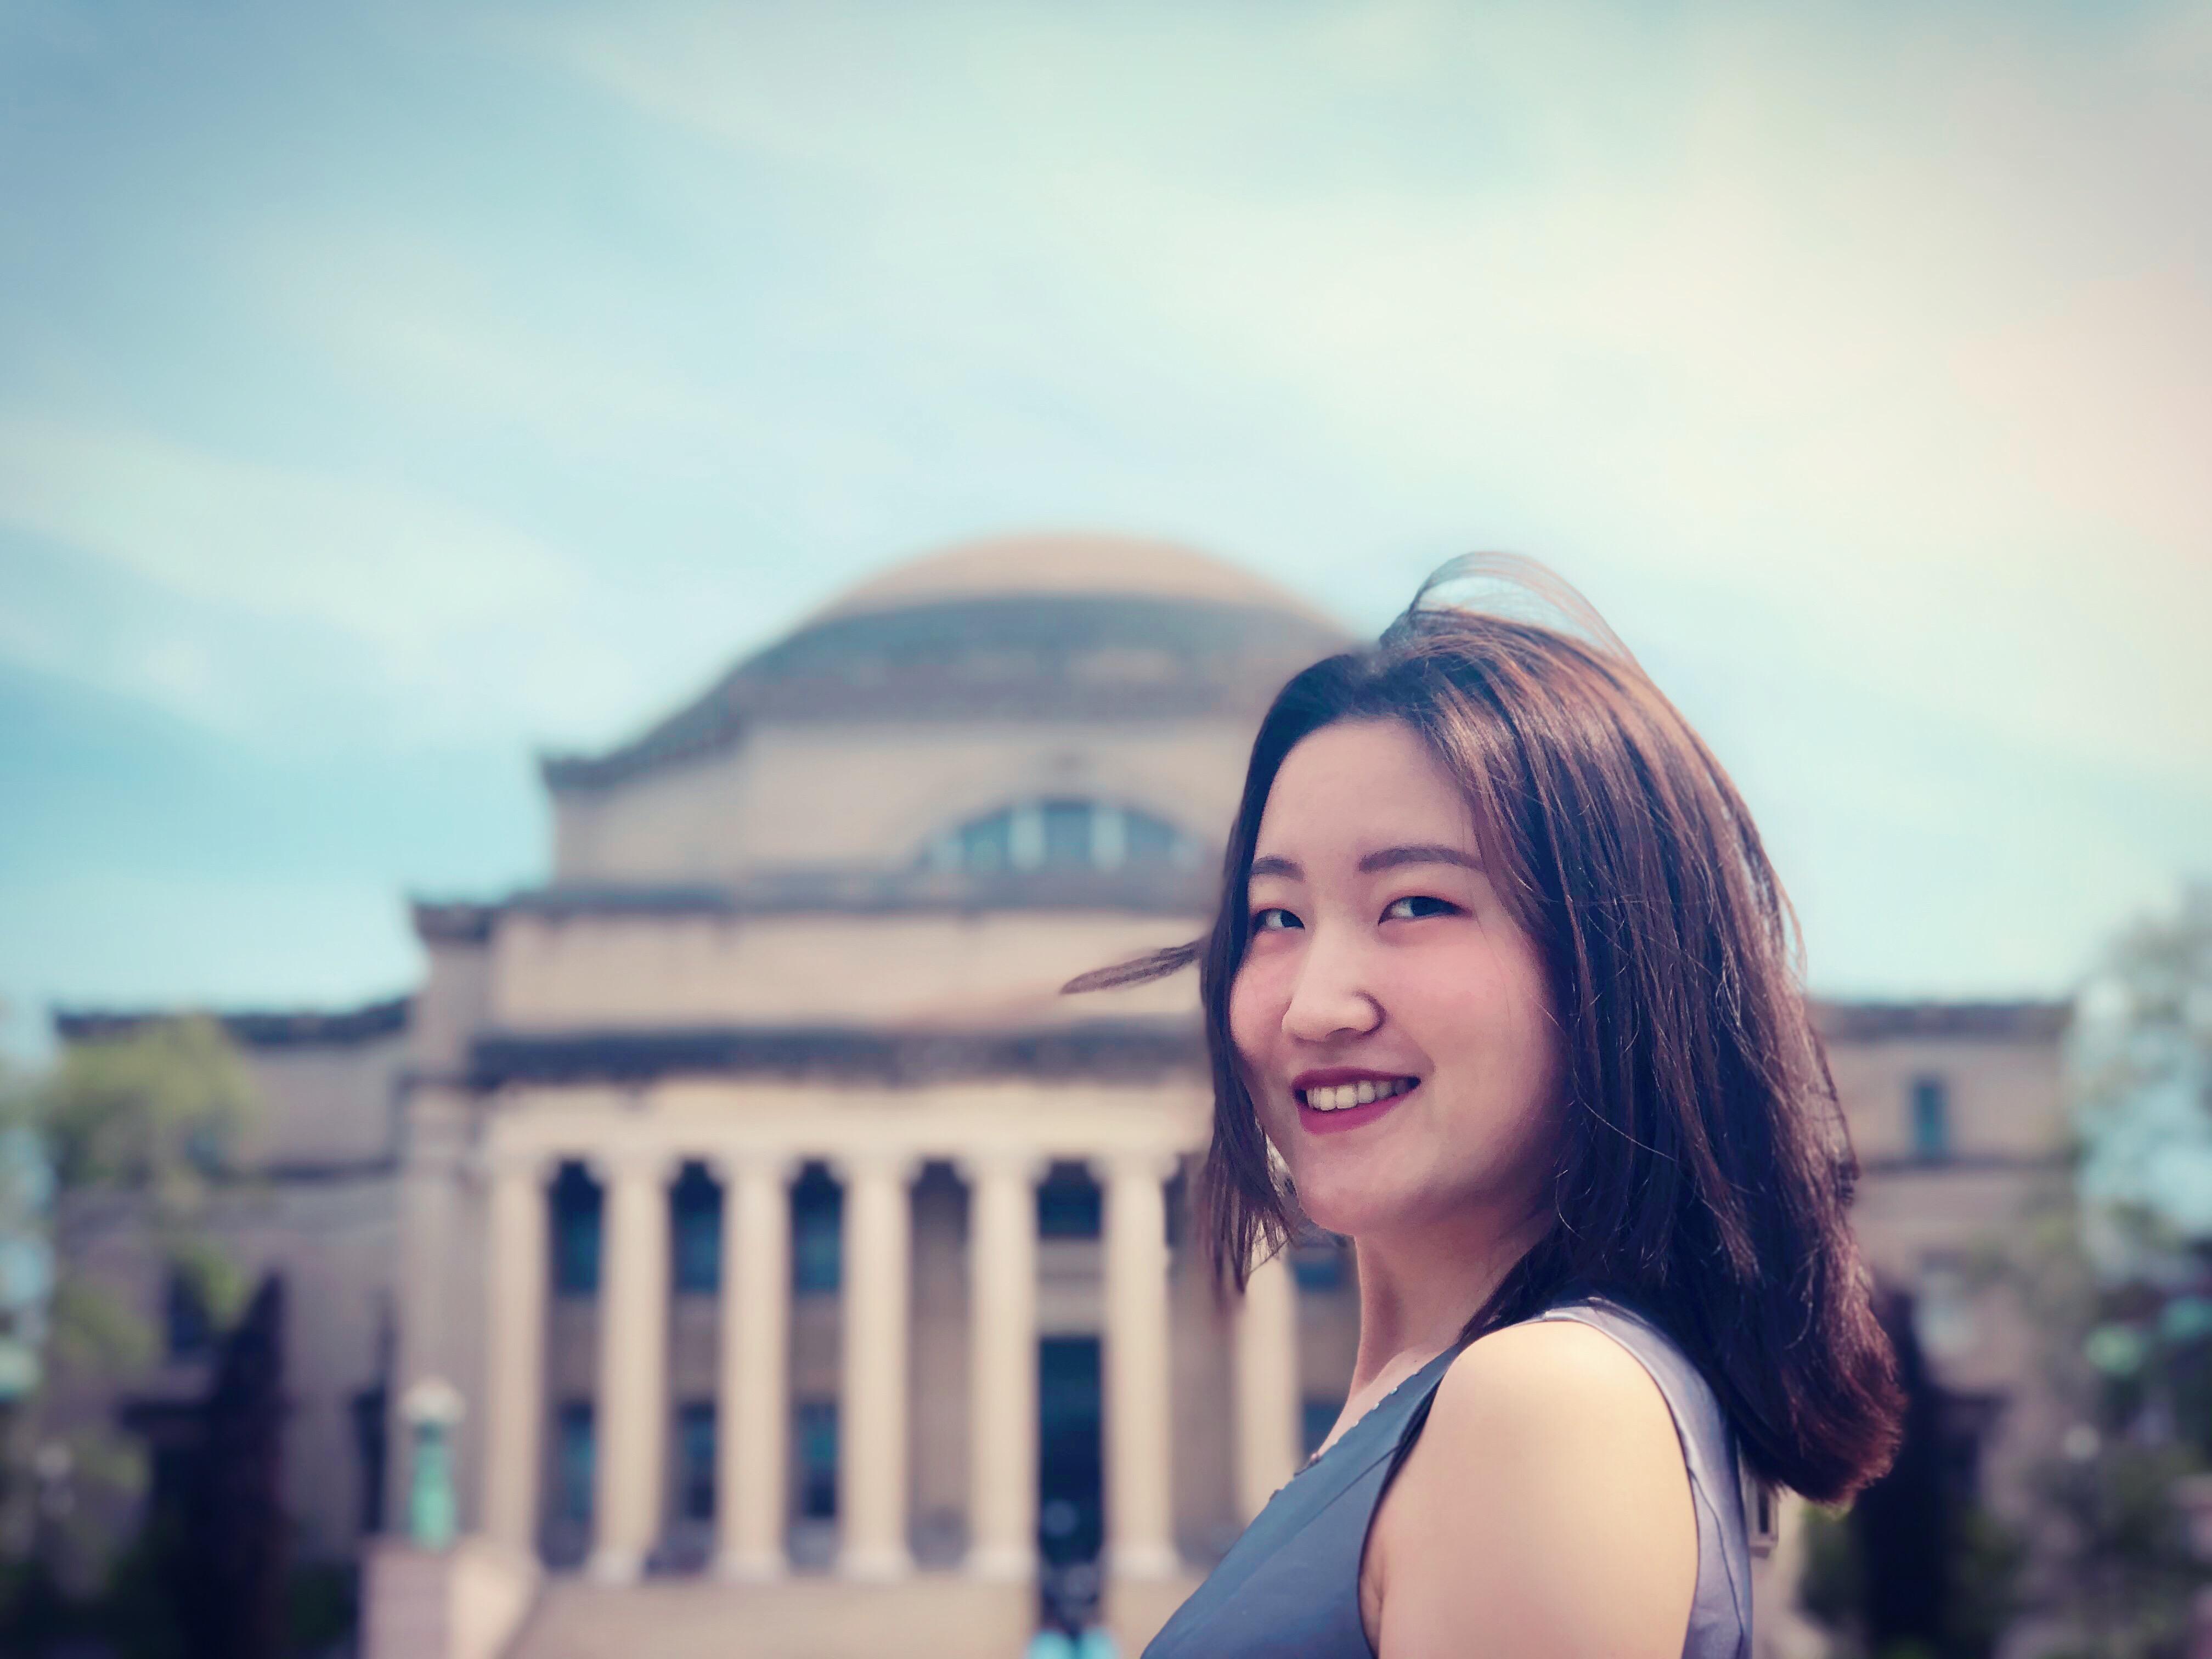 Zeyu Feng